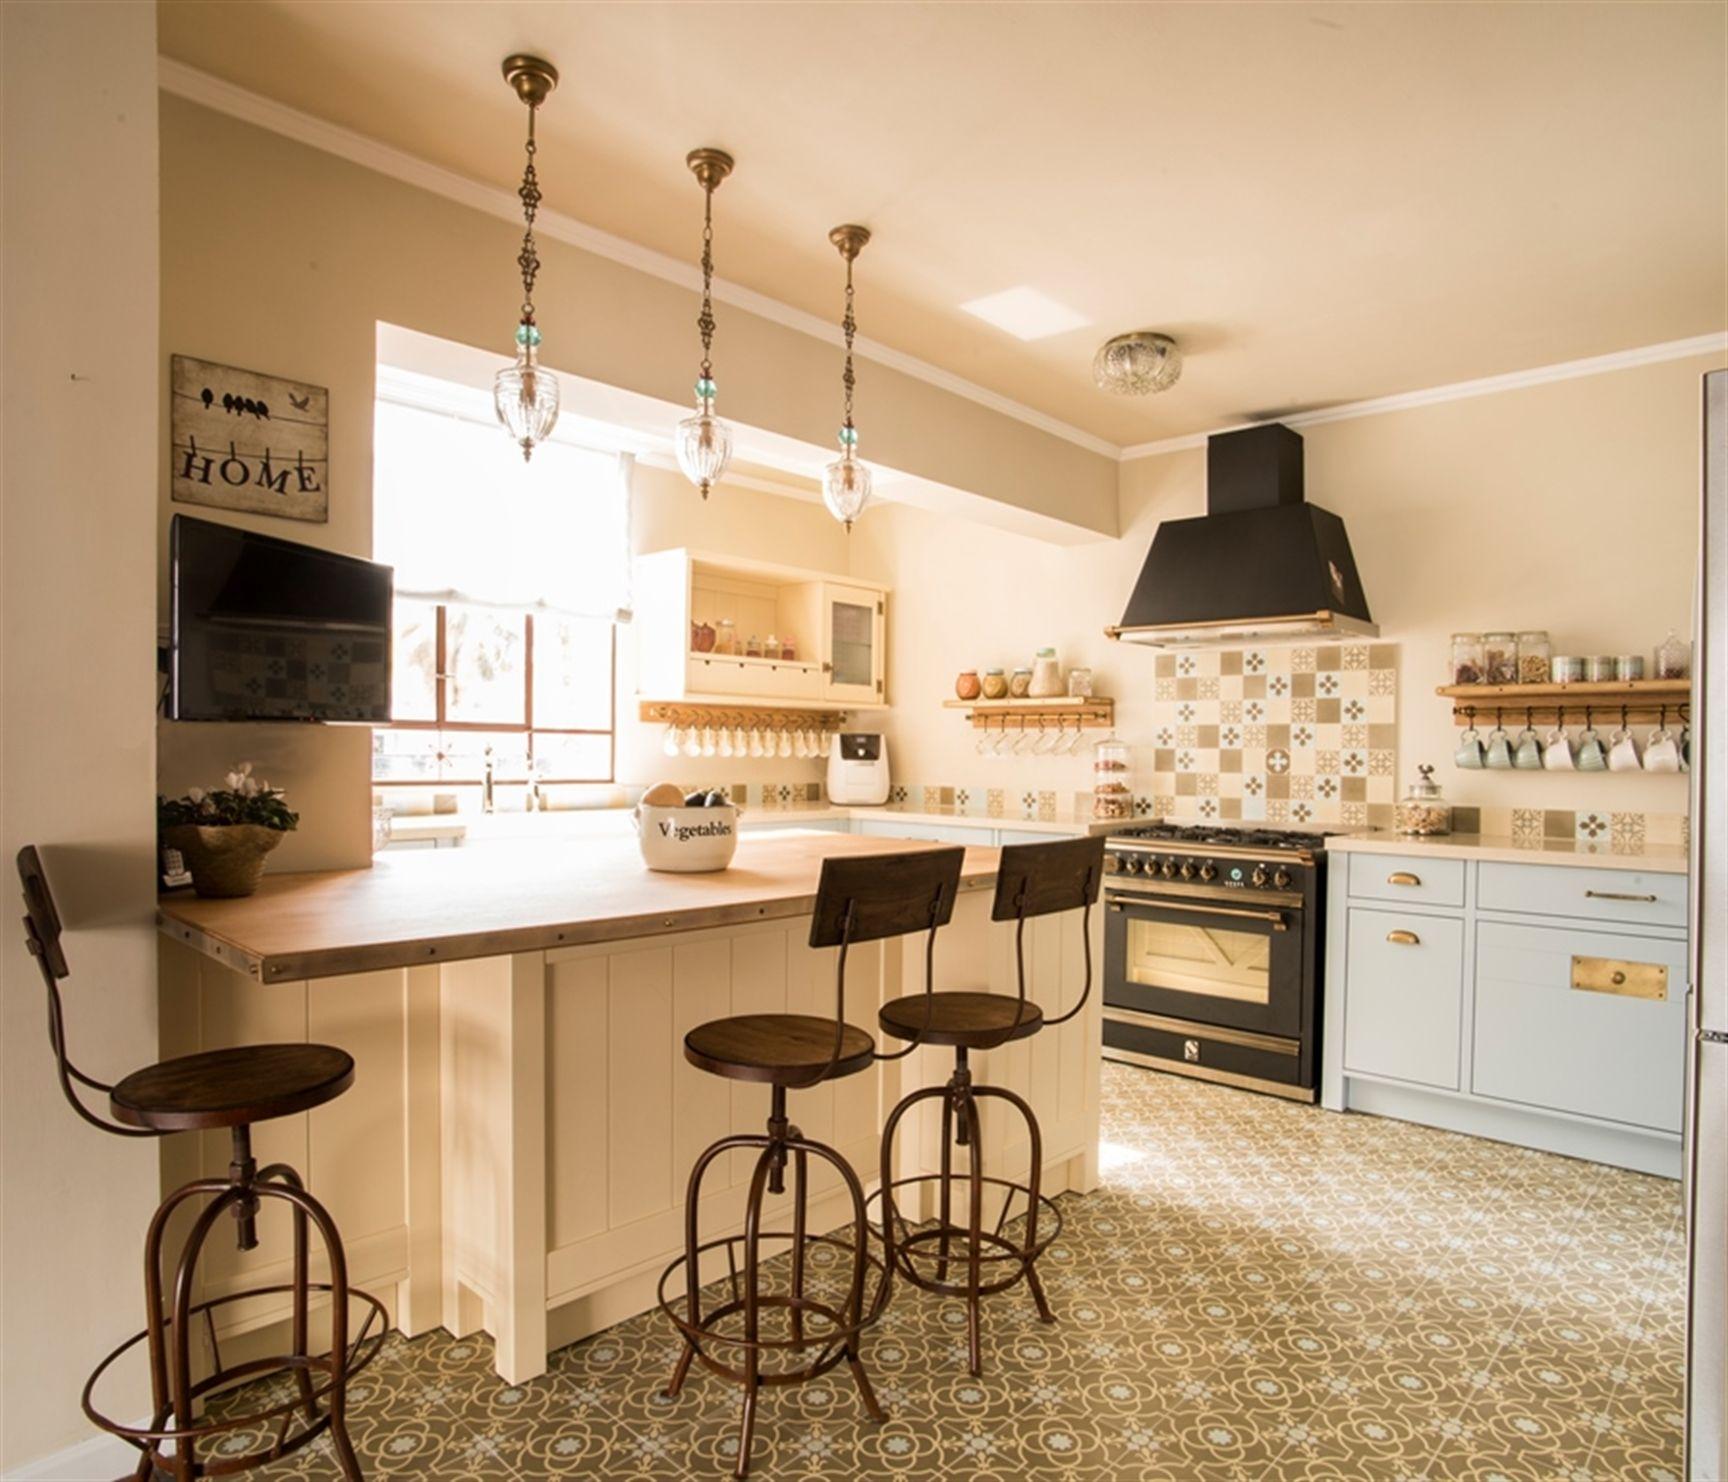 עיצוב מטבח בסגנון כפרי - פשטות מטבחים